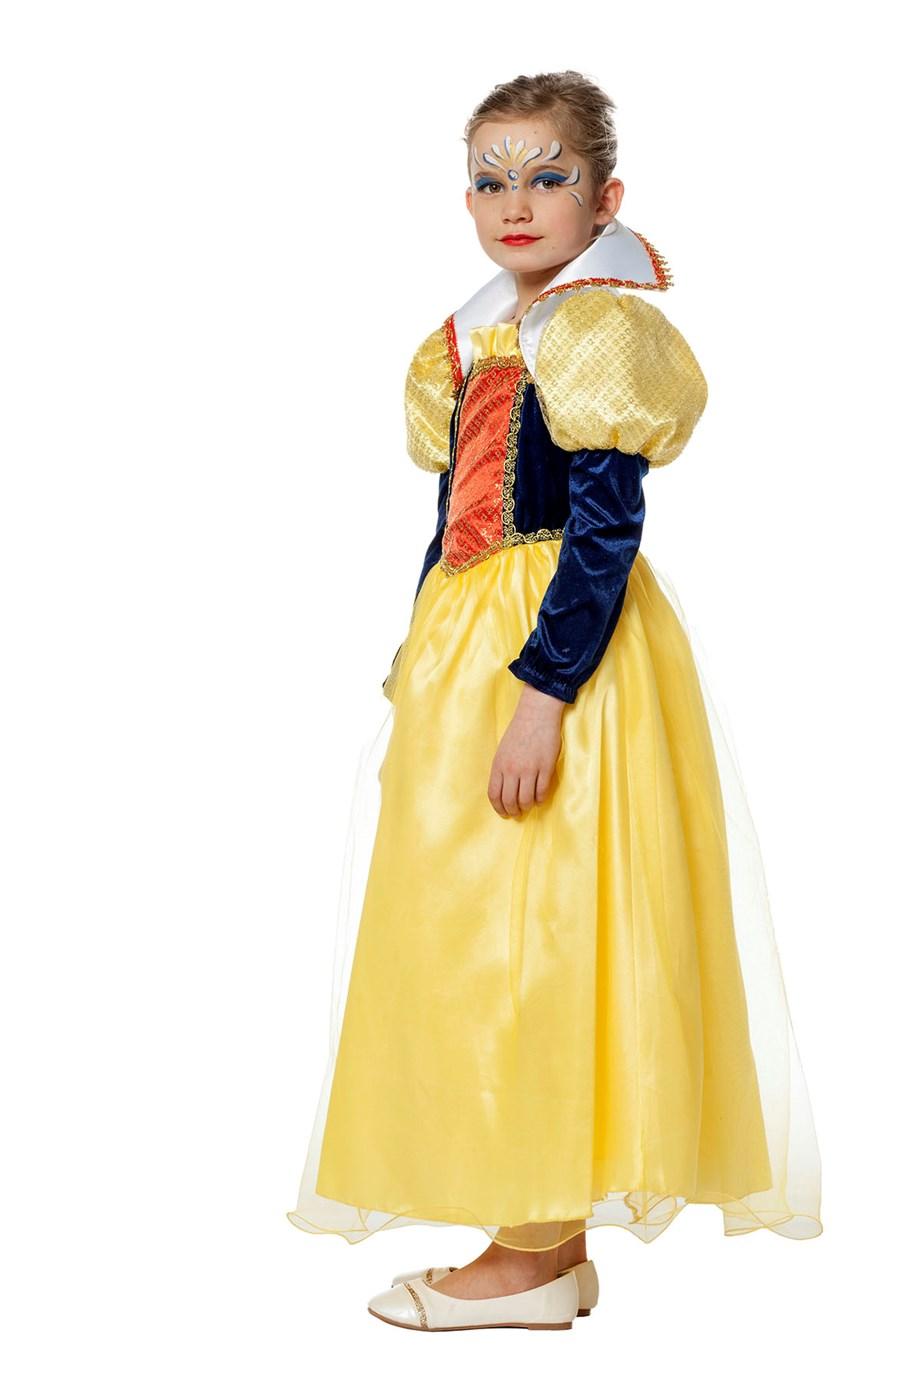 Sprookjesprinses sneeuwwitje-226813